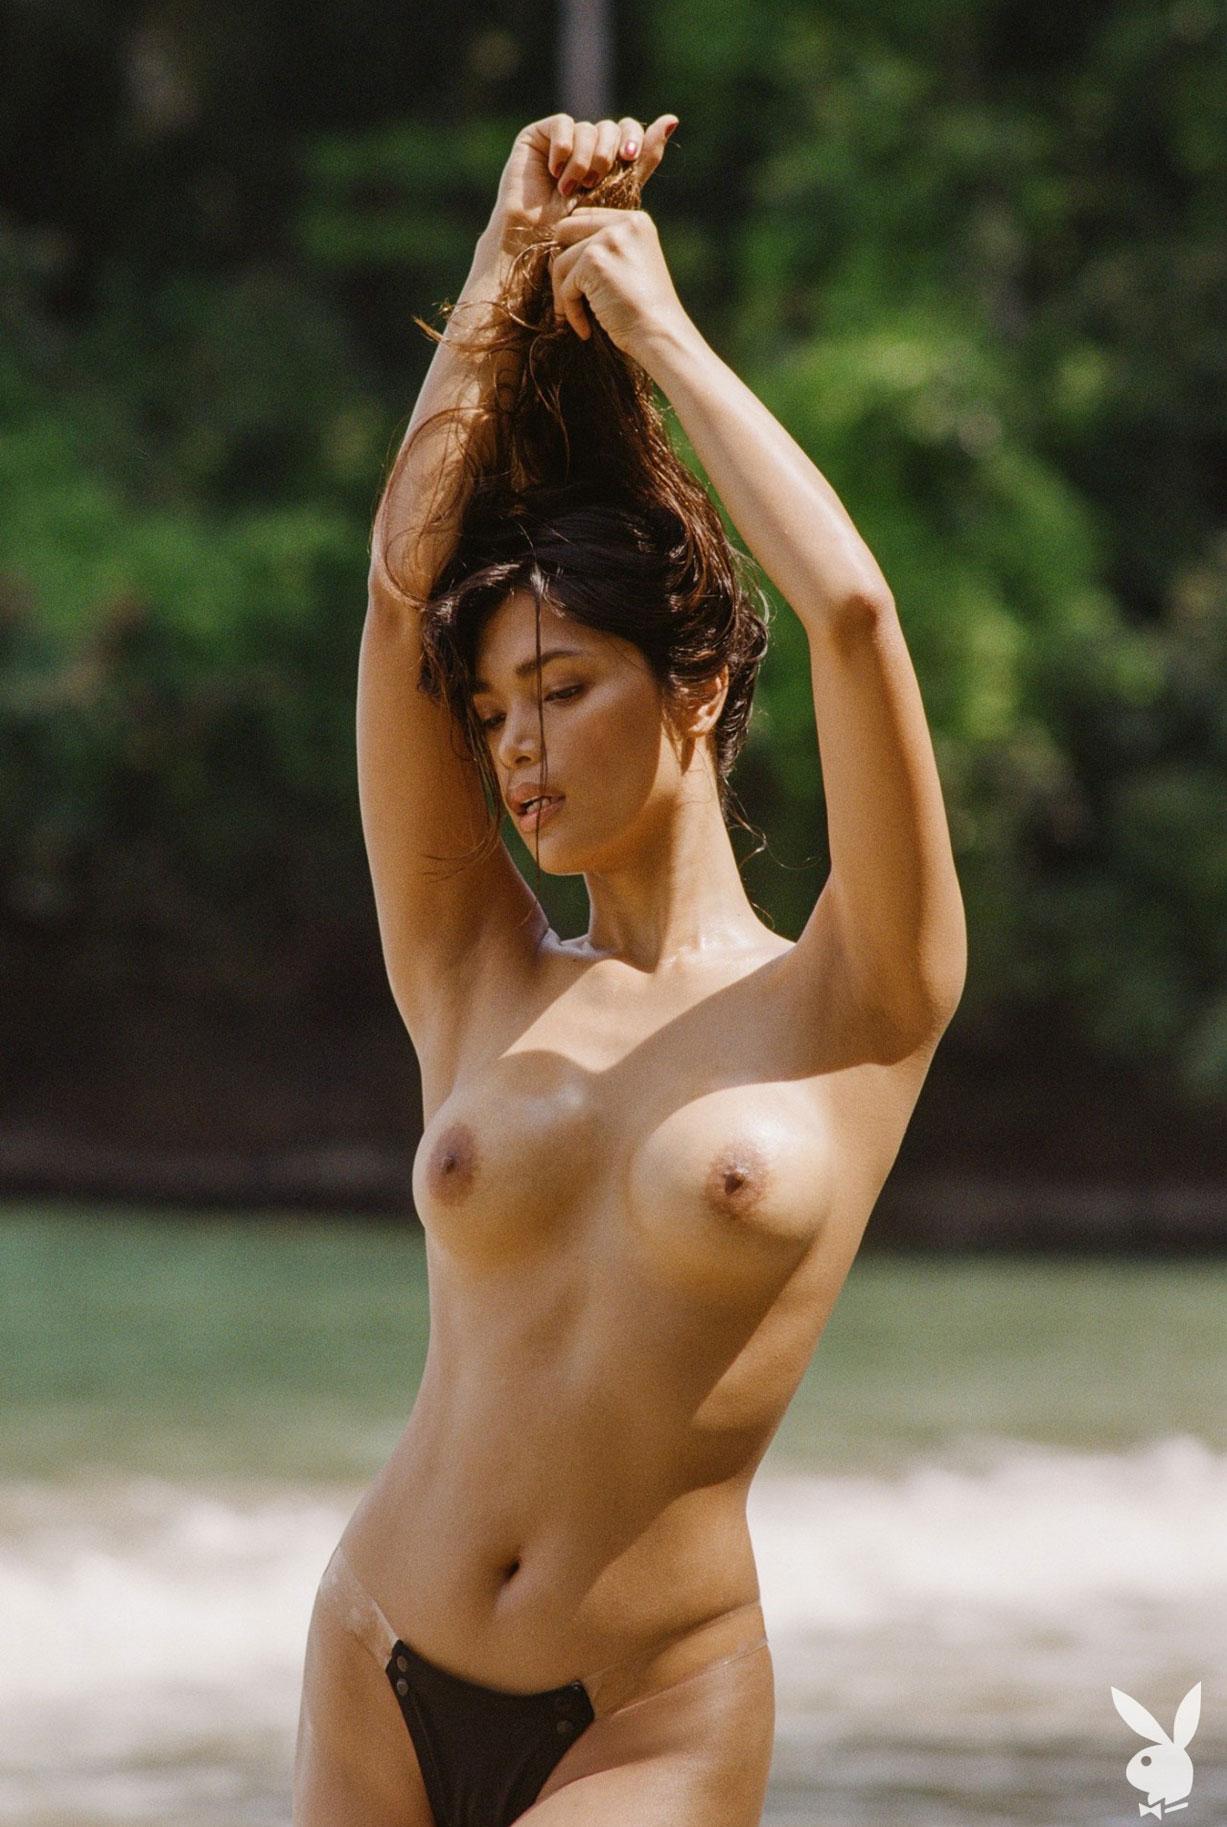 Девушка месяца Playboy США в августе 2019 - трансгендерная модель Джина Росеро / фото 26